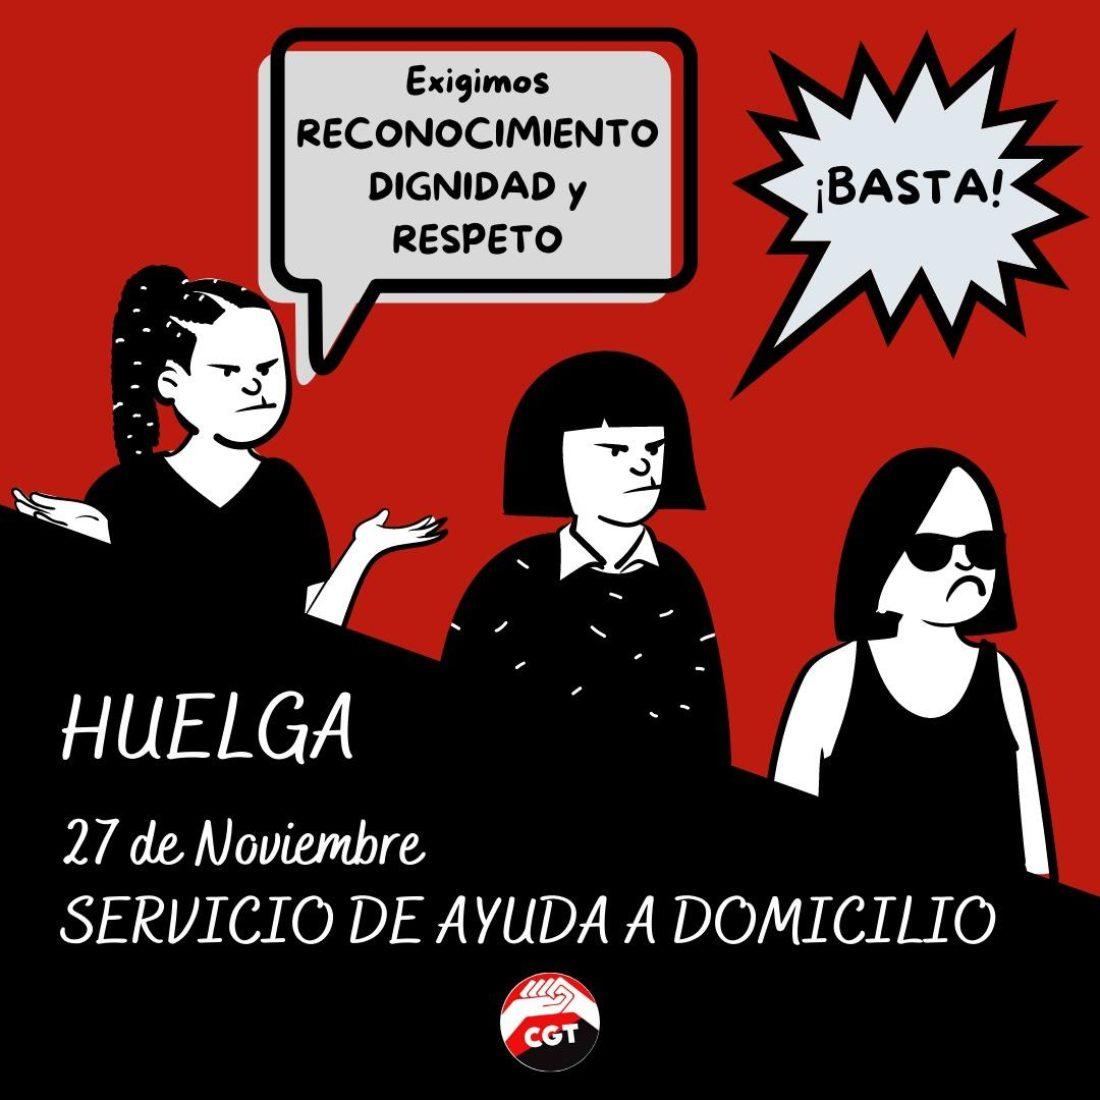 Continúa el proceso hacía la huelga general del sector de Ayuda a Domicilio en Andalucía el próximo 27 de noviembre